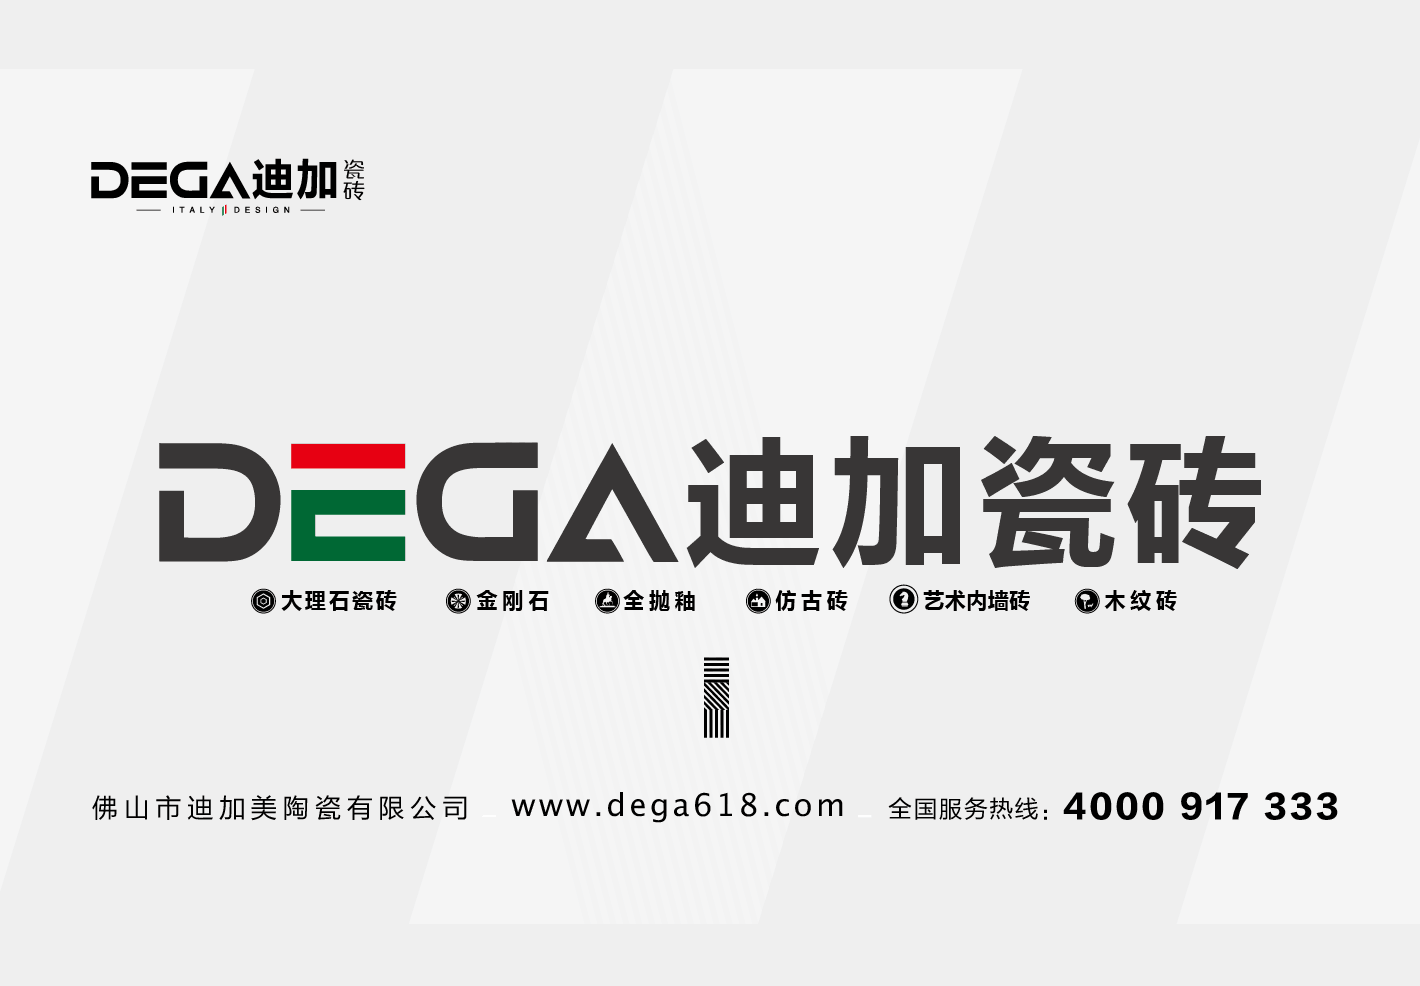 迪加瓷砖招商加盟联系方式